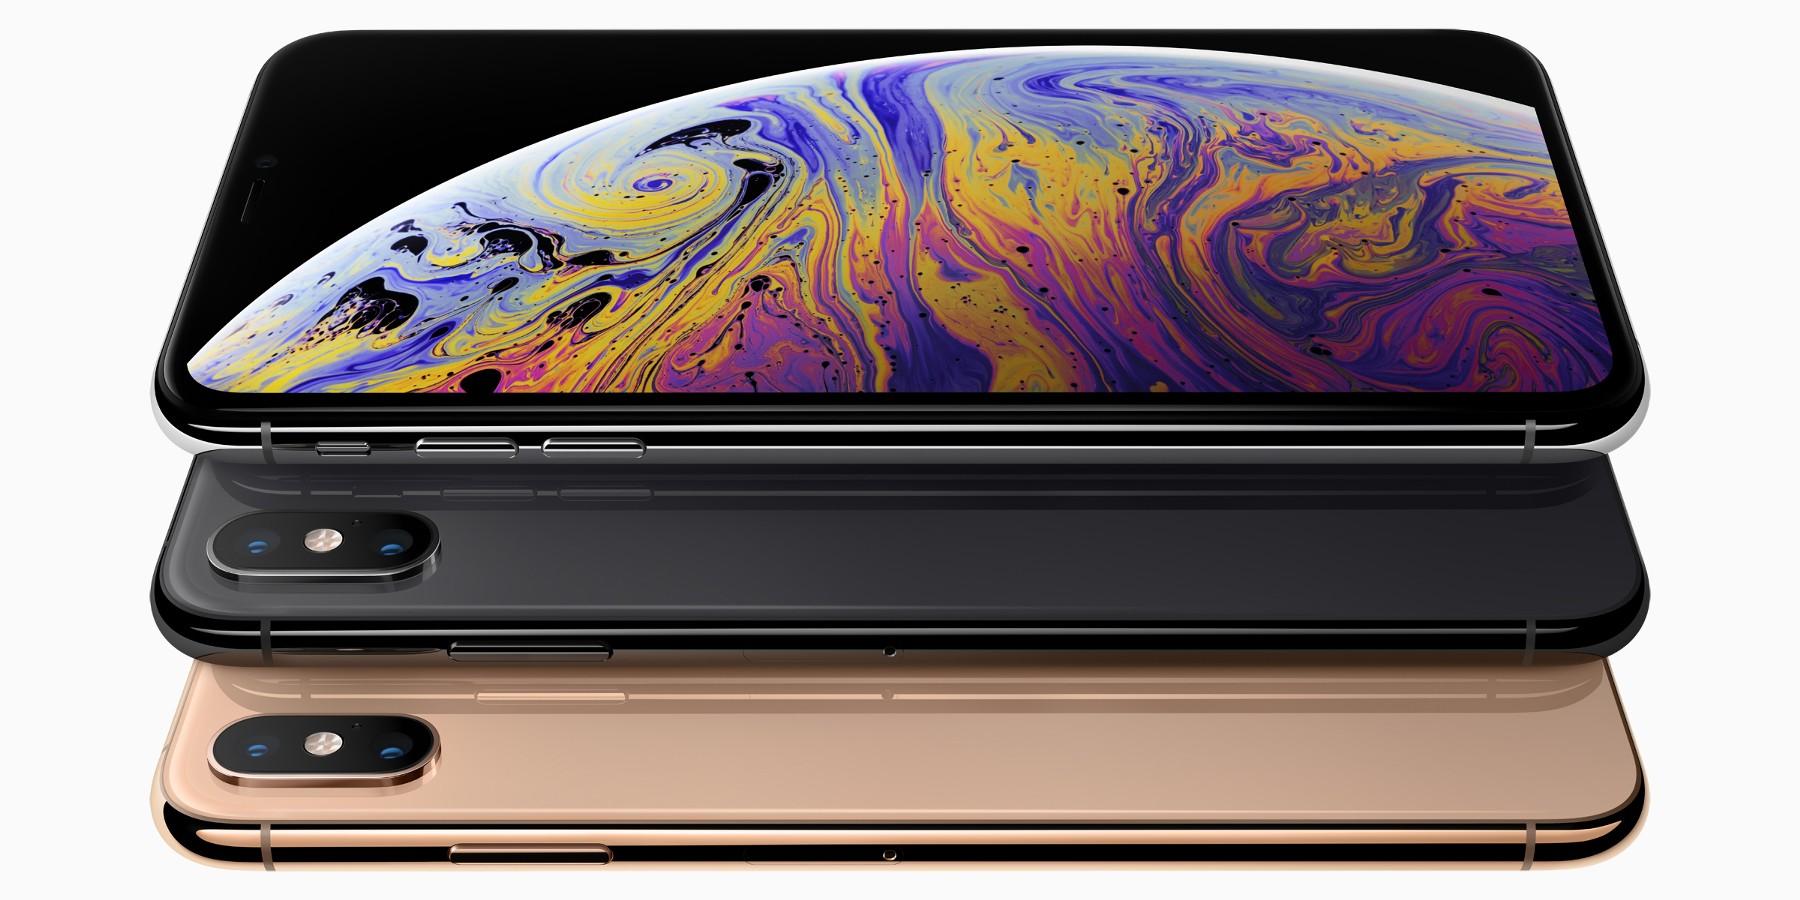 iphone xs 256gb купить в кредит кредит наличными без залога алматы